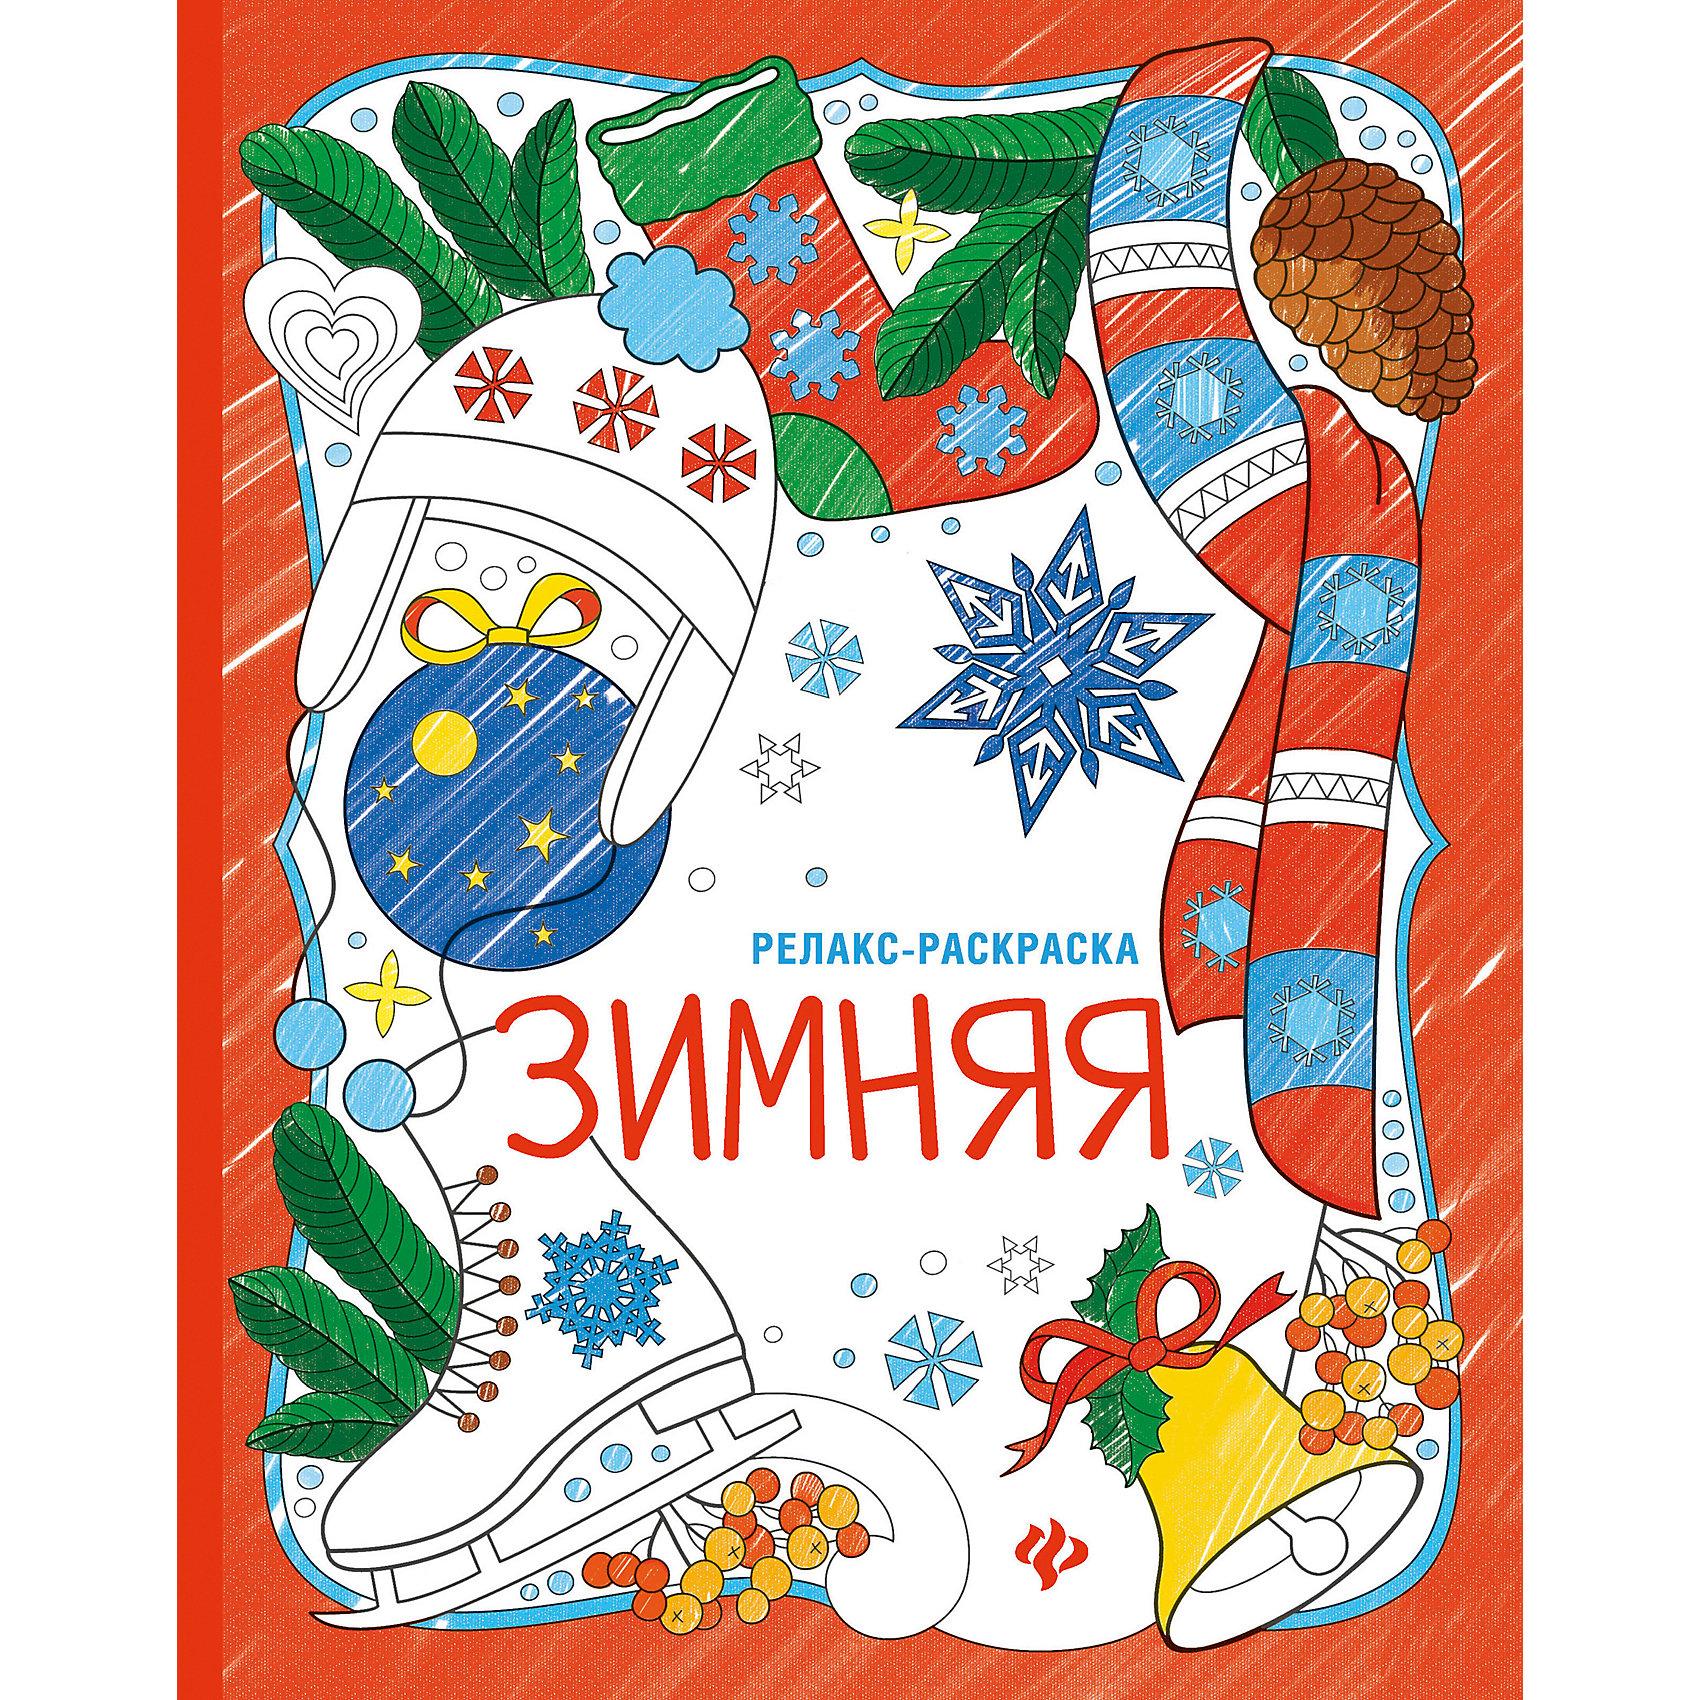 Зимняя: книжка-раскраскаНа календаре зима? Самое время одеться потеплее, сделать глоточек ароматного какао и устроиться поудобнее за столом, взяв в руки карандаши. Самое время пофантазировать и помечтать, загадать желание и поверить в чудо. Самое время для зимней релакс-раскрас<br><br>Ширина мм: 260<br>Глубина мм: 200<br>Высота мм: 2<br>Вес г: 60<br>Возраст от месяцев: 12<br>Возраст до месяцев: 72<br>Пол: Унисекс<br>Возраст: Детский<br>SKU: 5120165